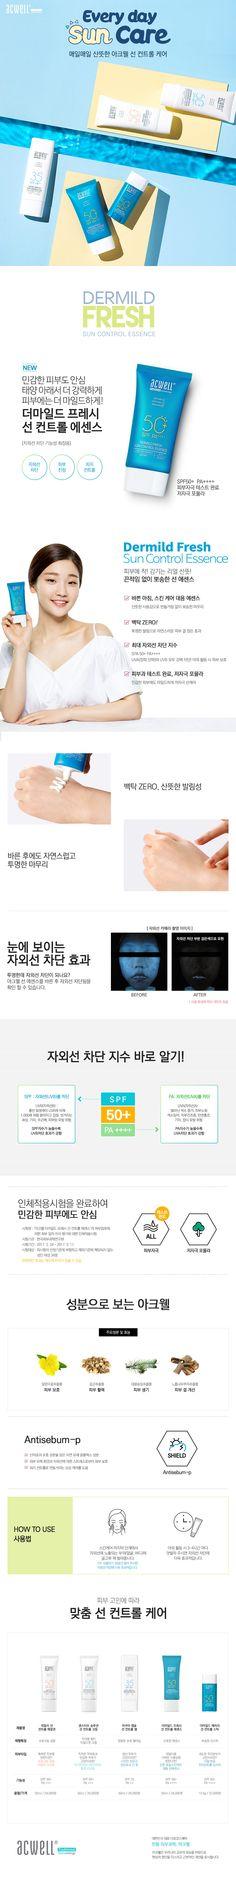 비앤에이치 e-giverny.com